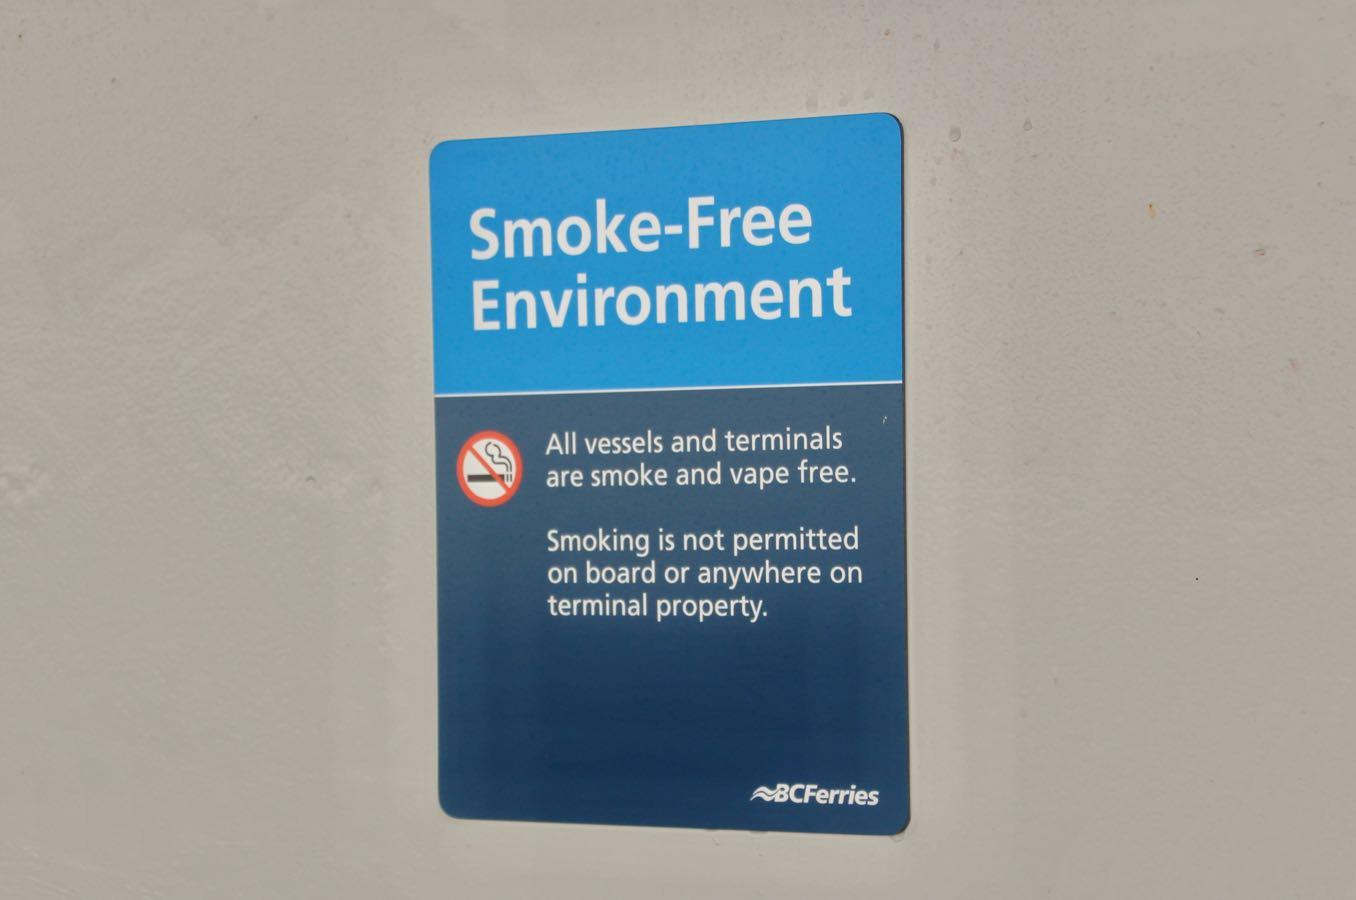 船の中も喫煙所は一切ない